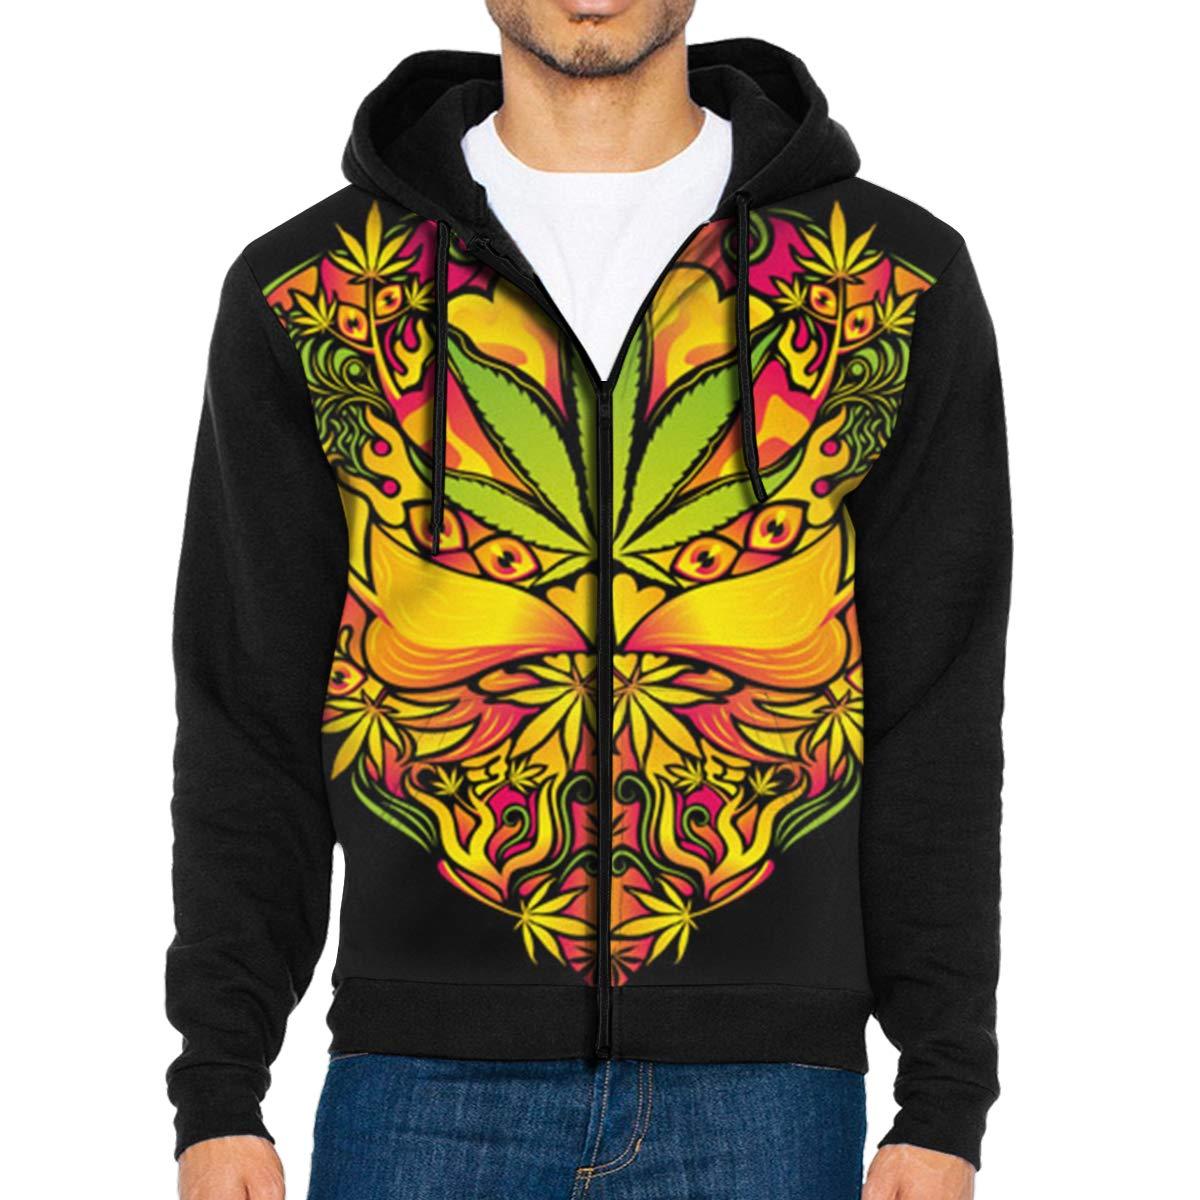 HEHE TAN Men Pullover Hood Marijuana Heart Psychedelic Zip Hoodies Hooded Popular Jackets Coats